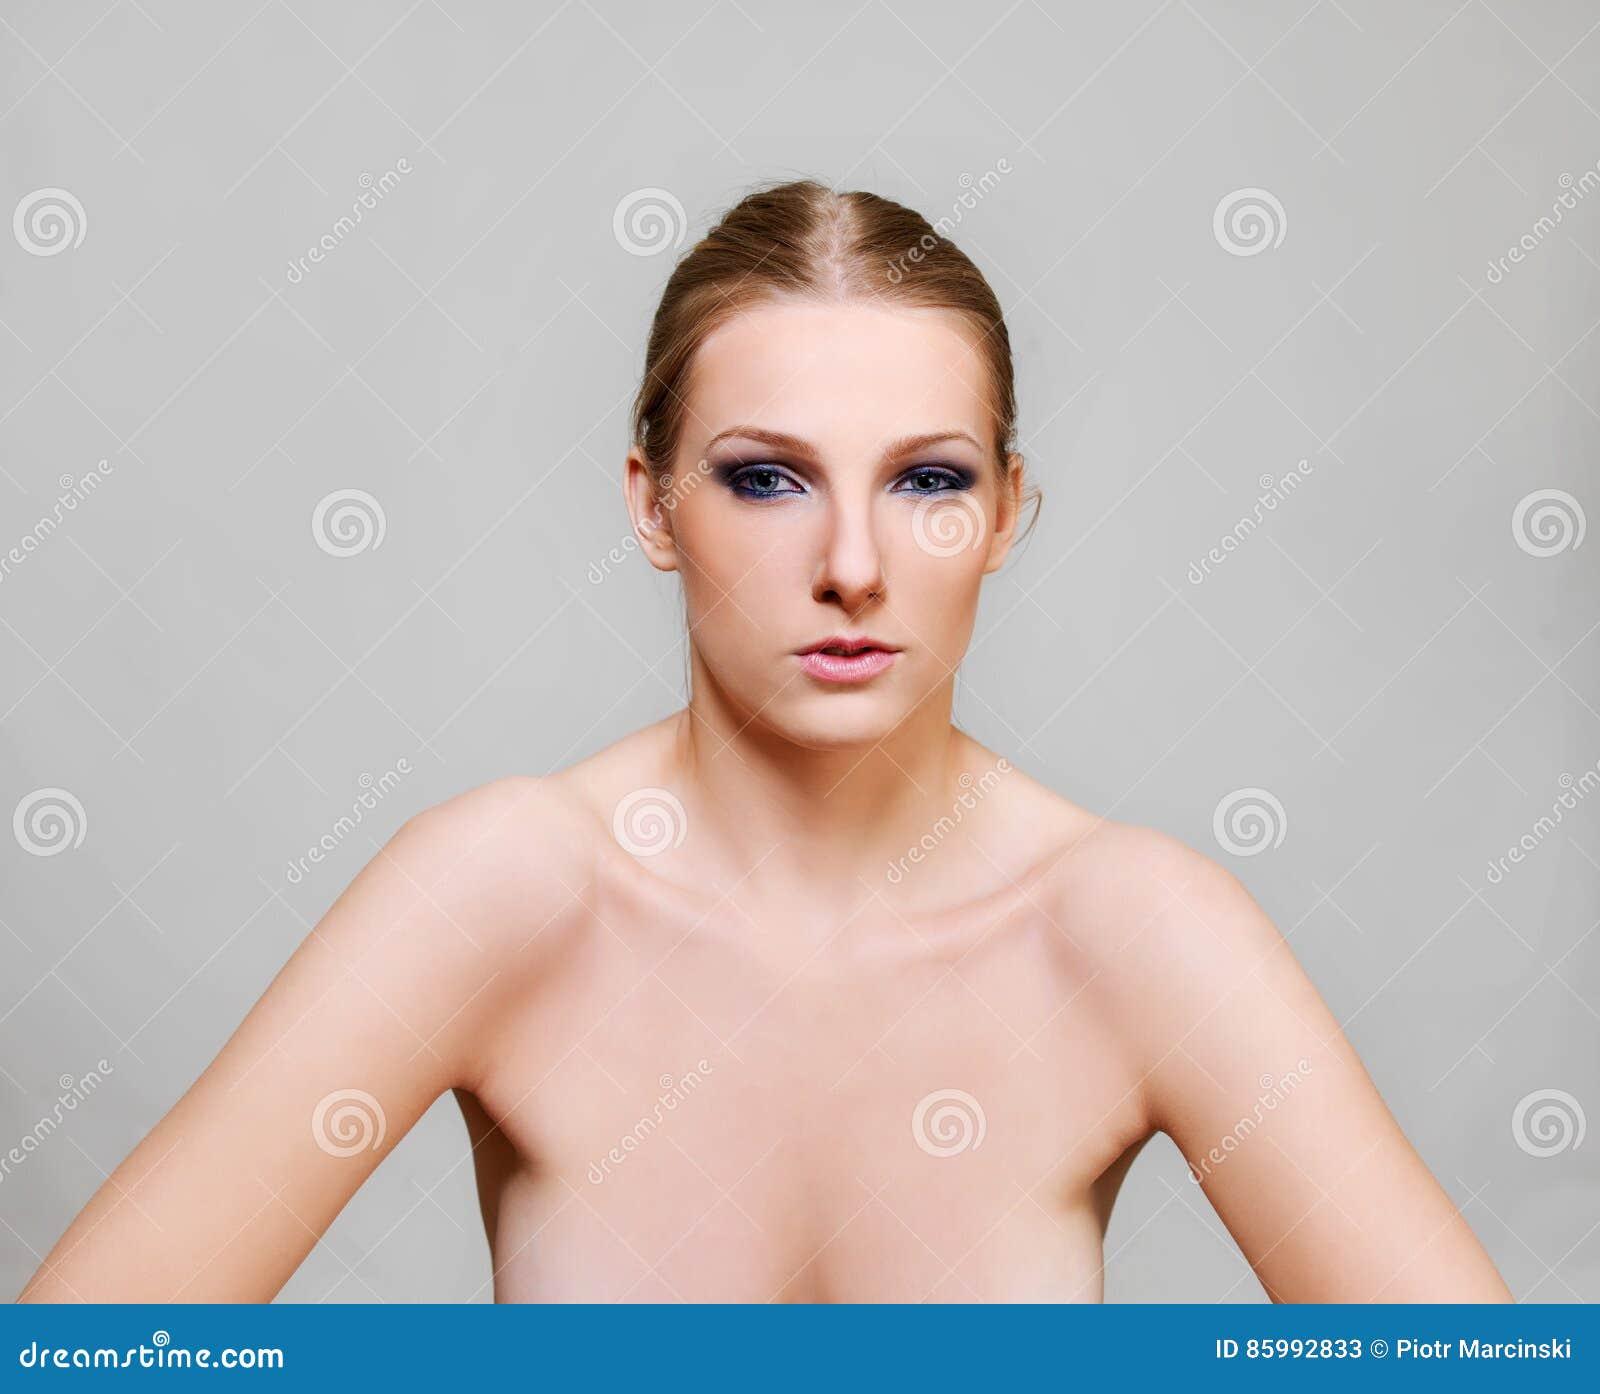 Gorące mamuśki obciąganie porno